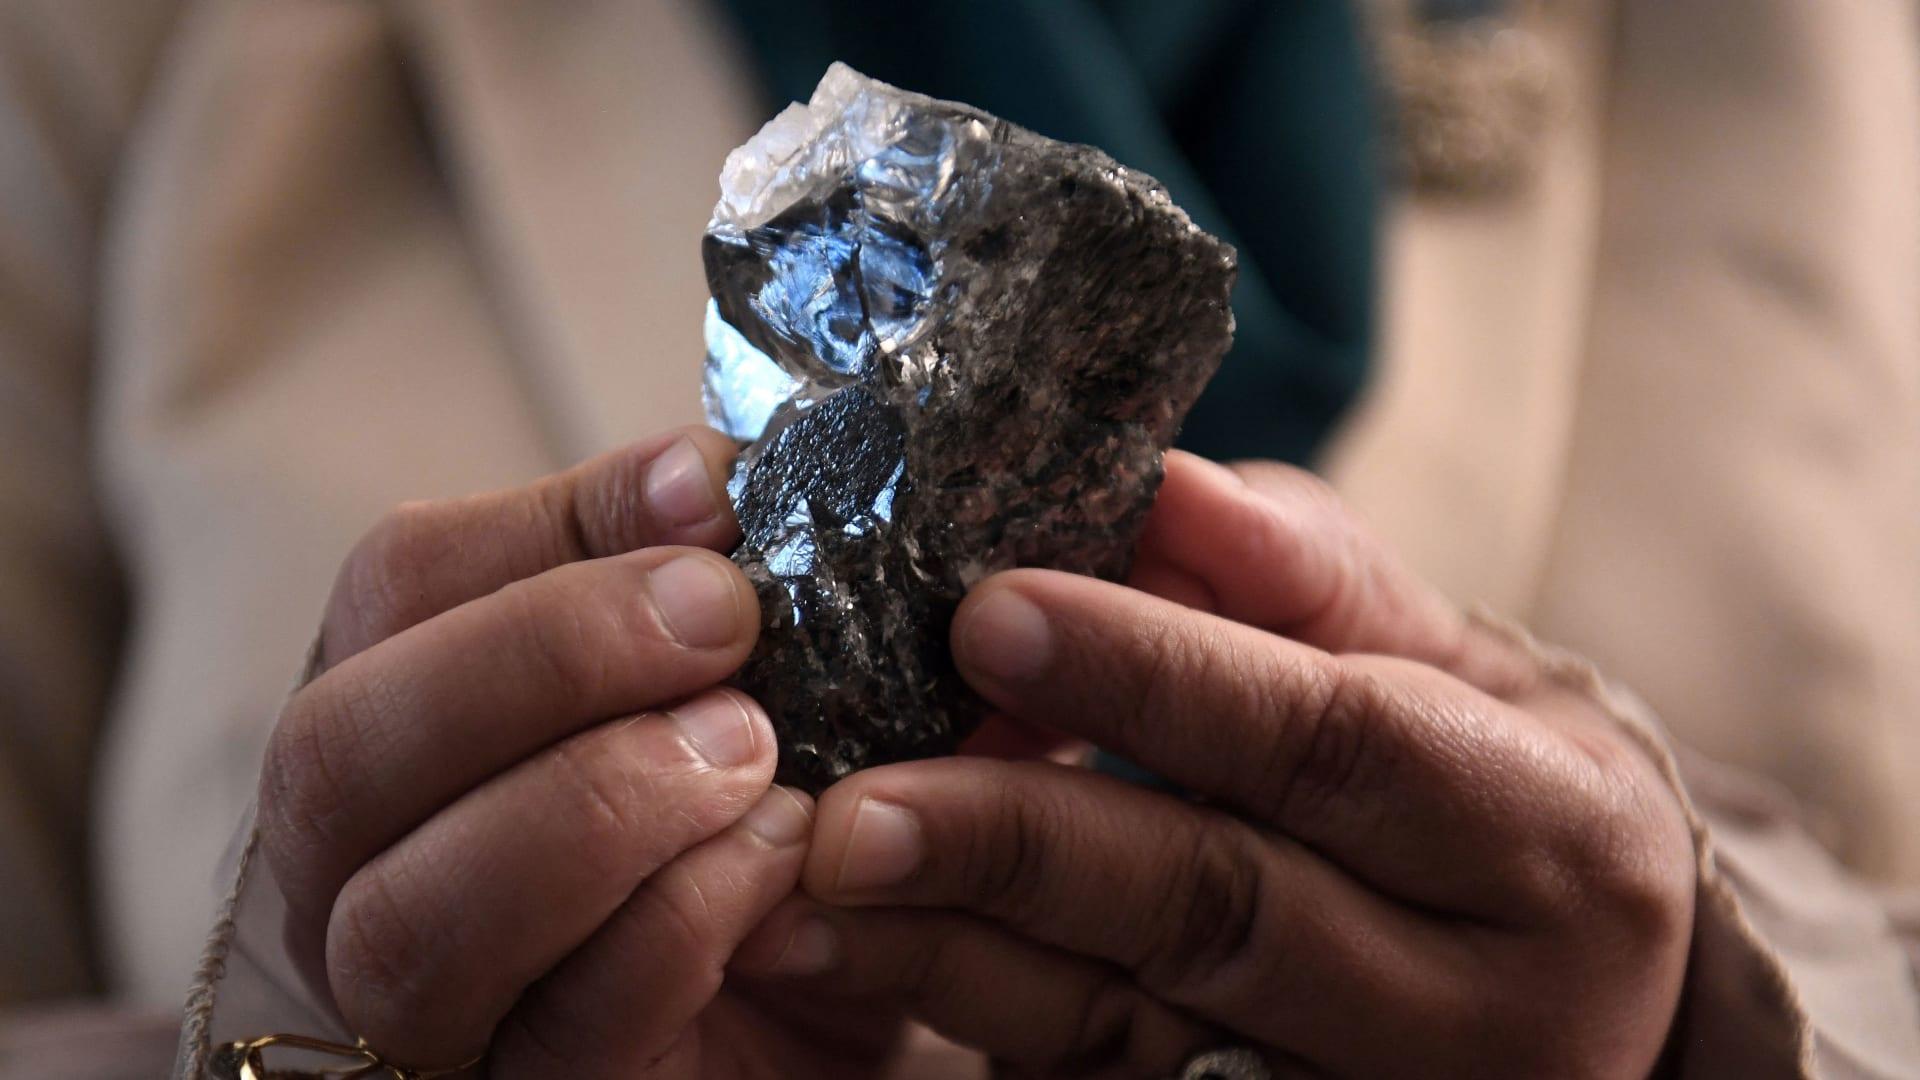 Viên kim cương khổng lồ 1.174 ca-ra được tìm thấy ở Botswana - Ảnh: Monirul Bhuiyan/AFP/Getty Images